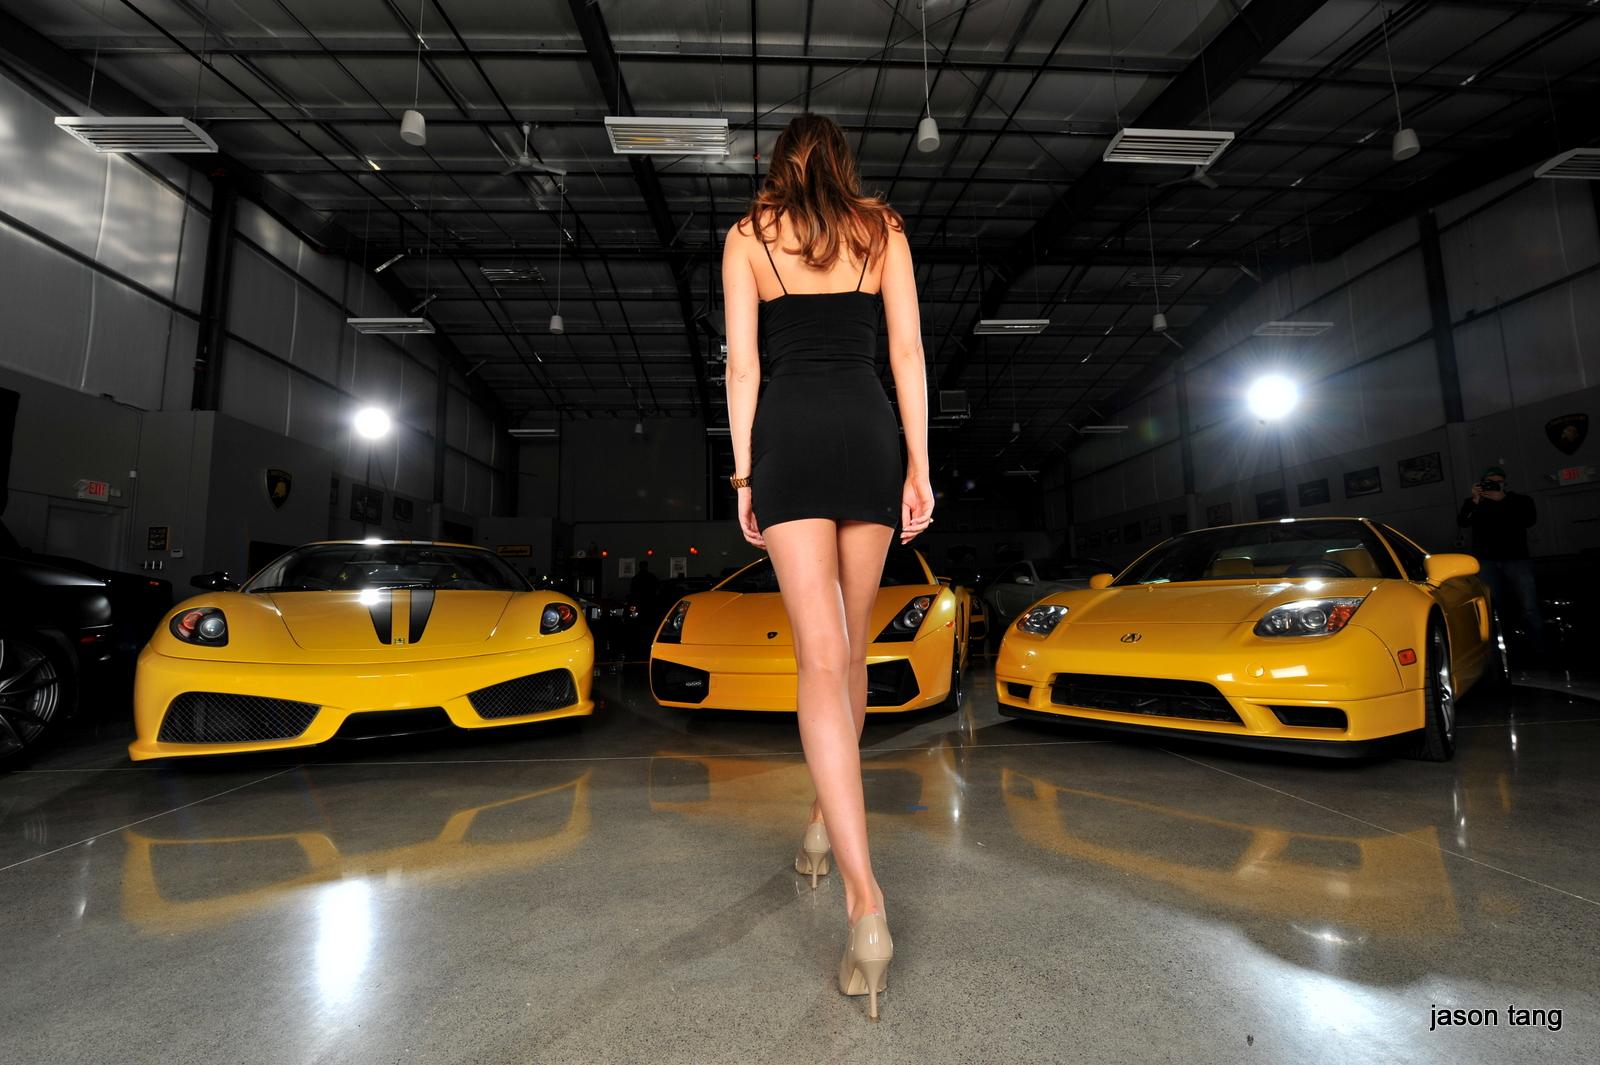 Фото дорогих машин и девушек